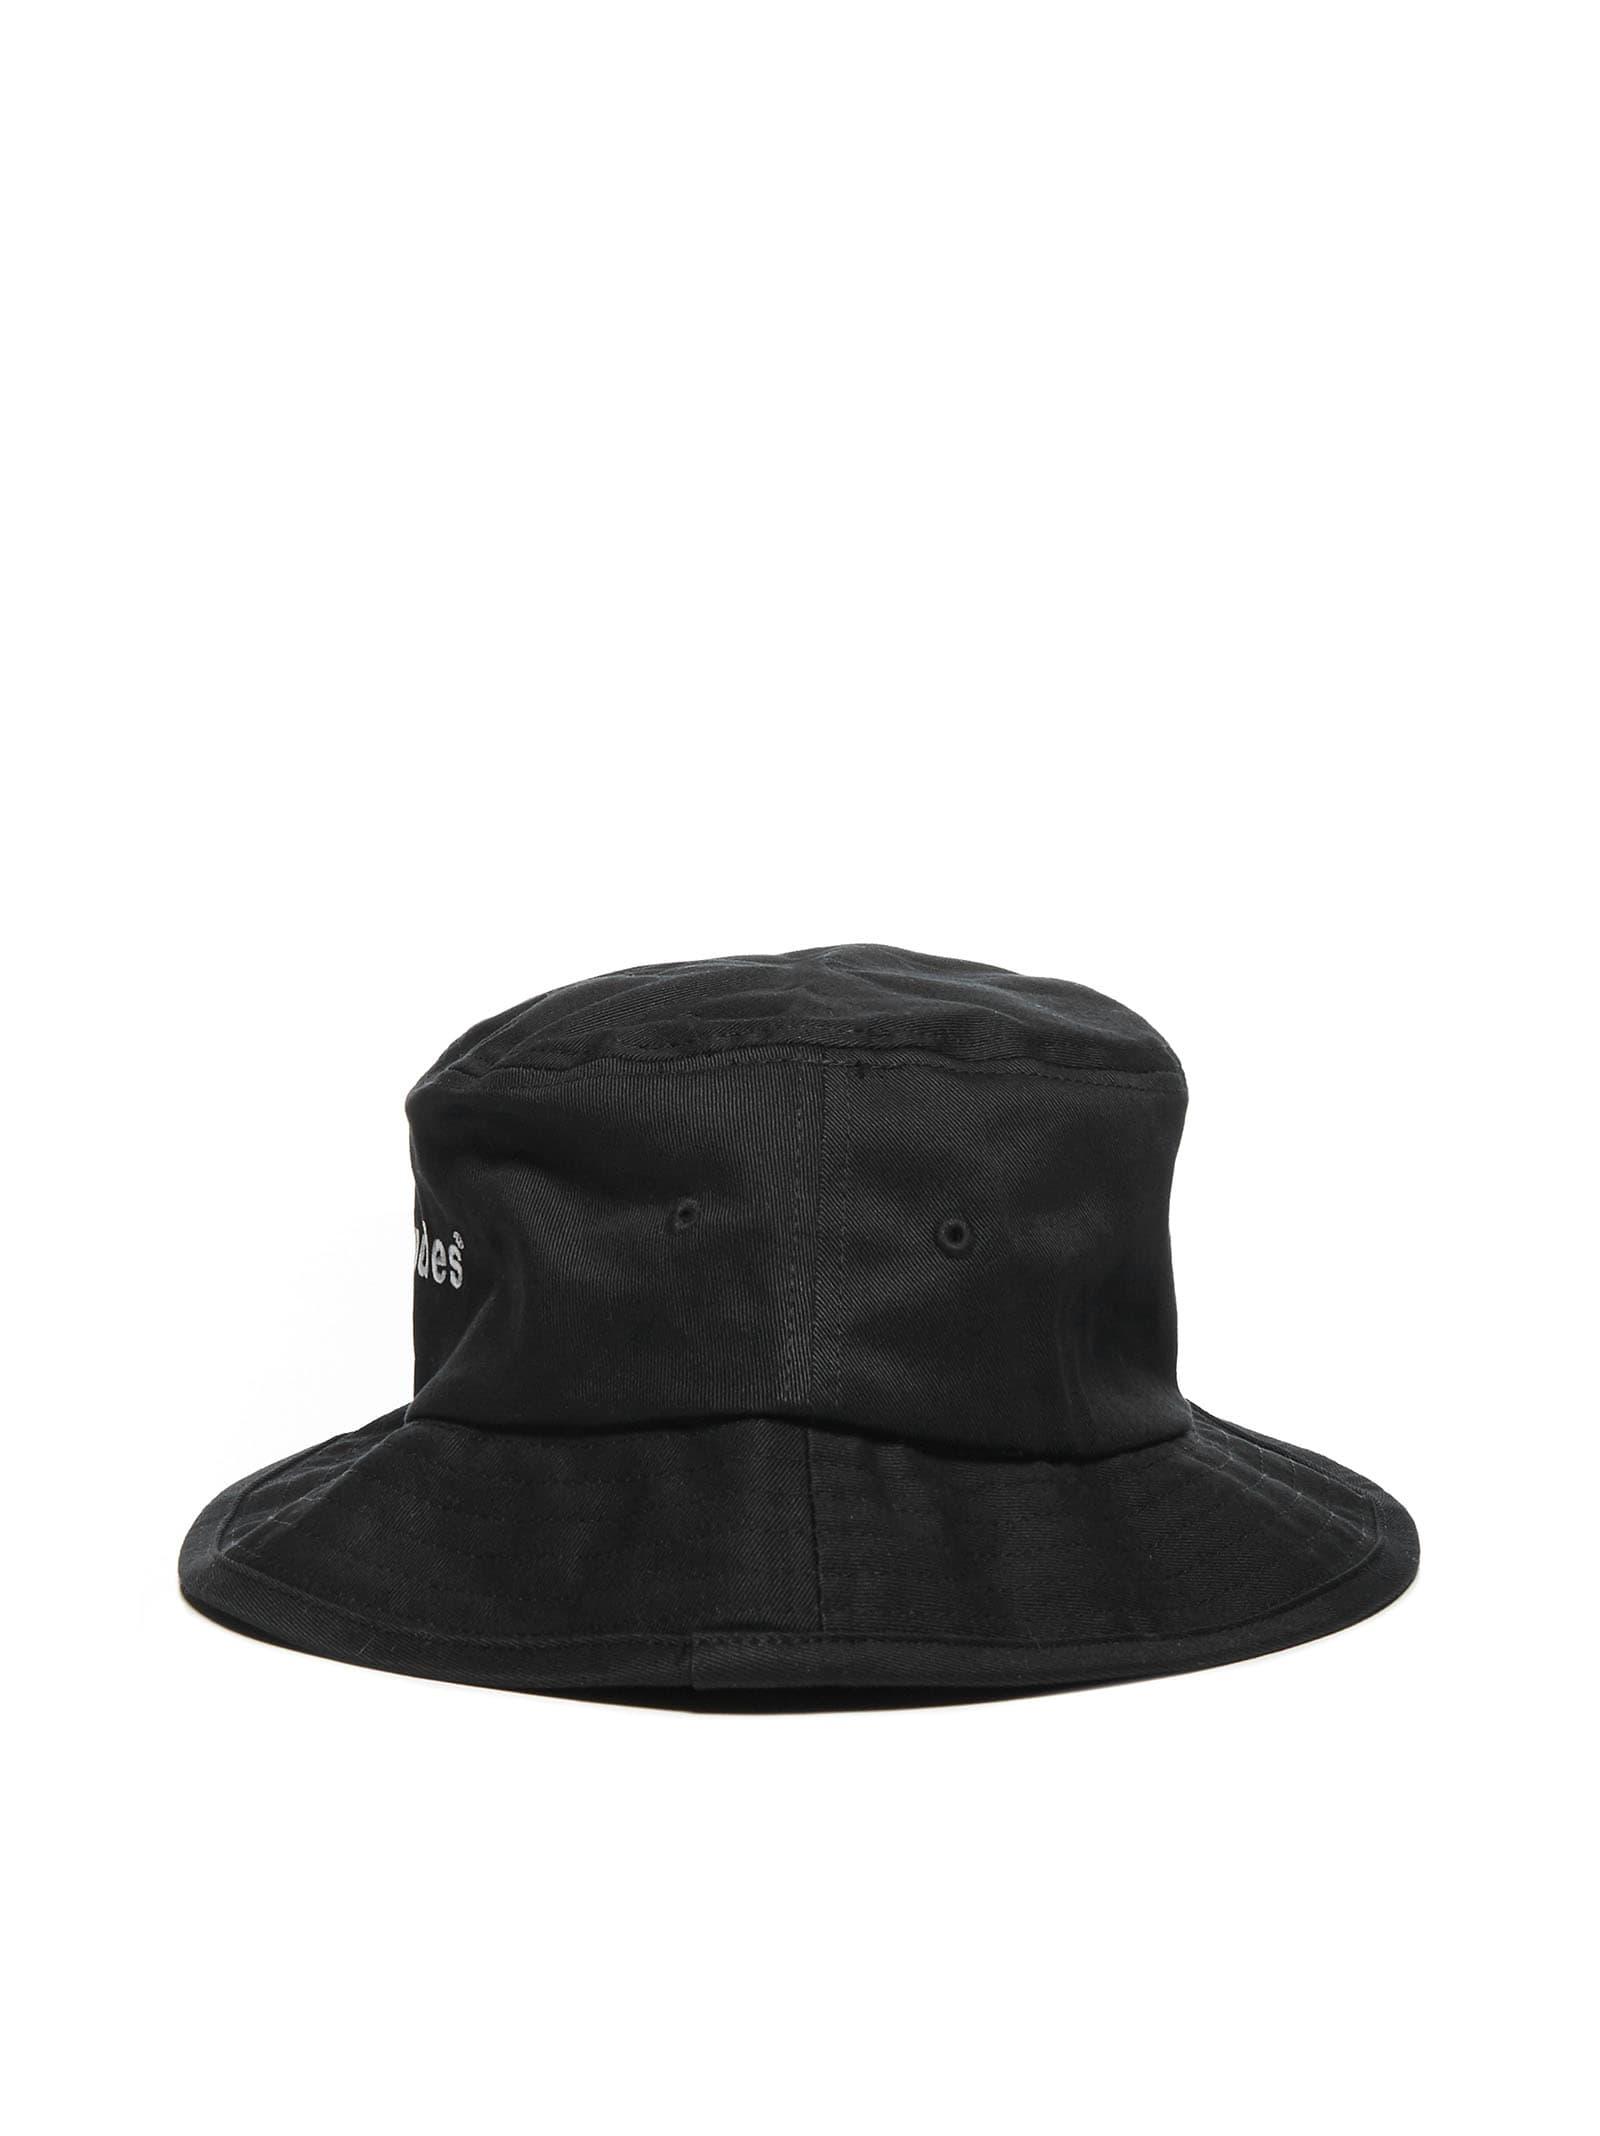 Études Training Hat